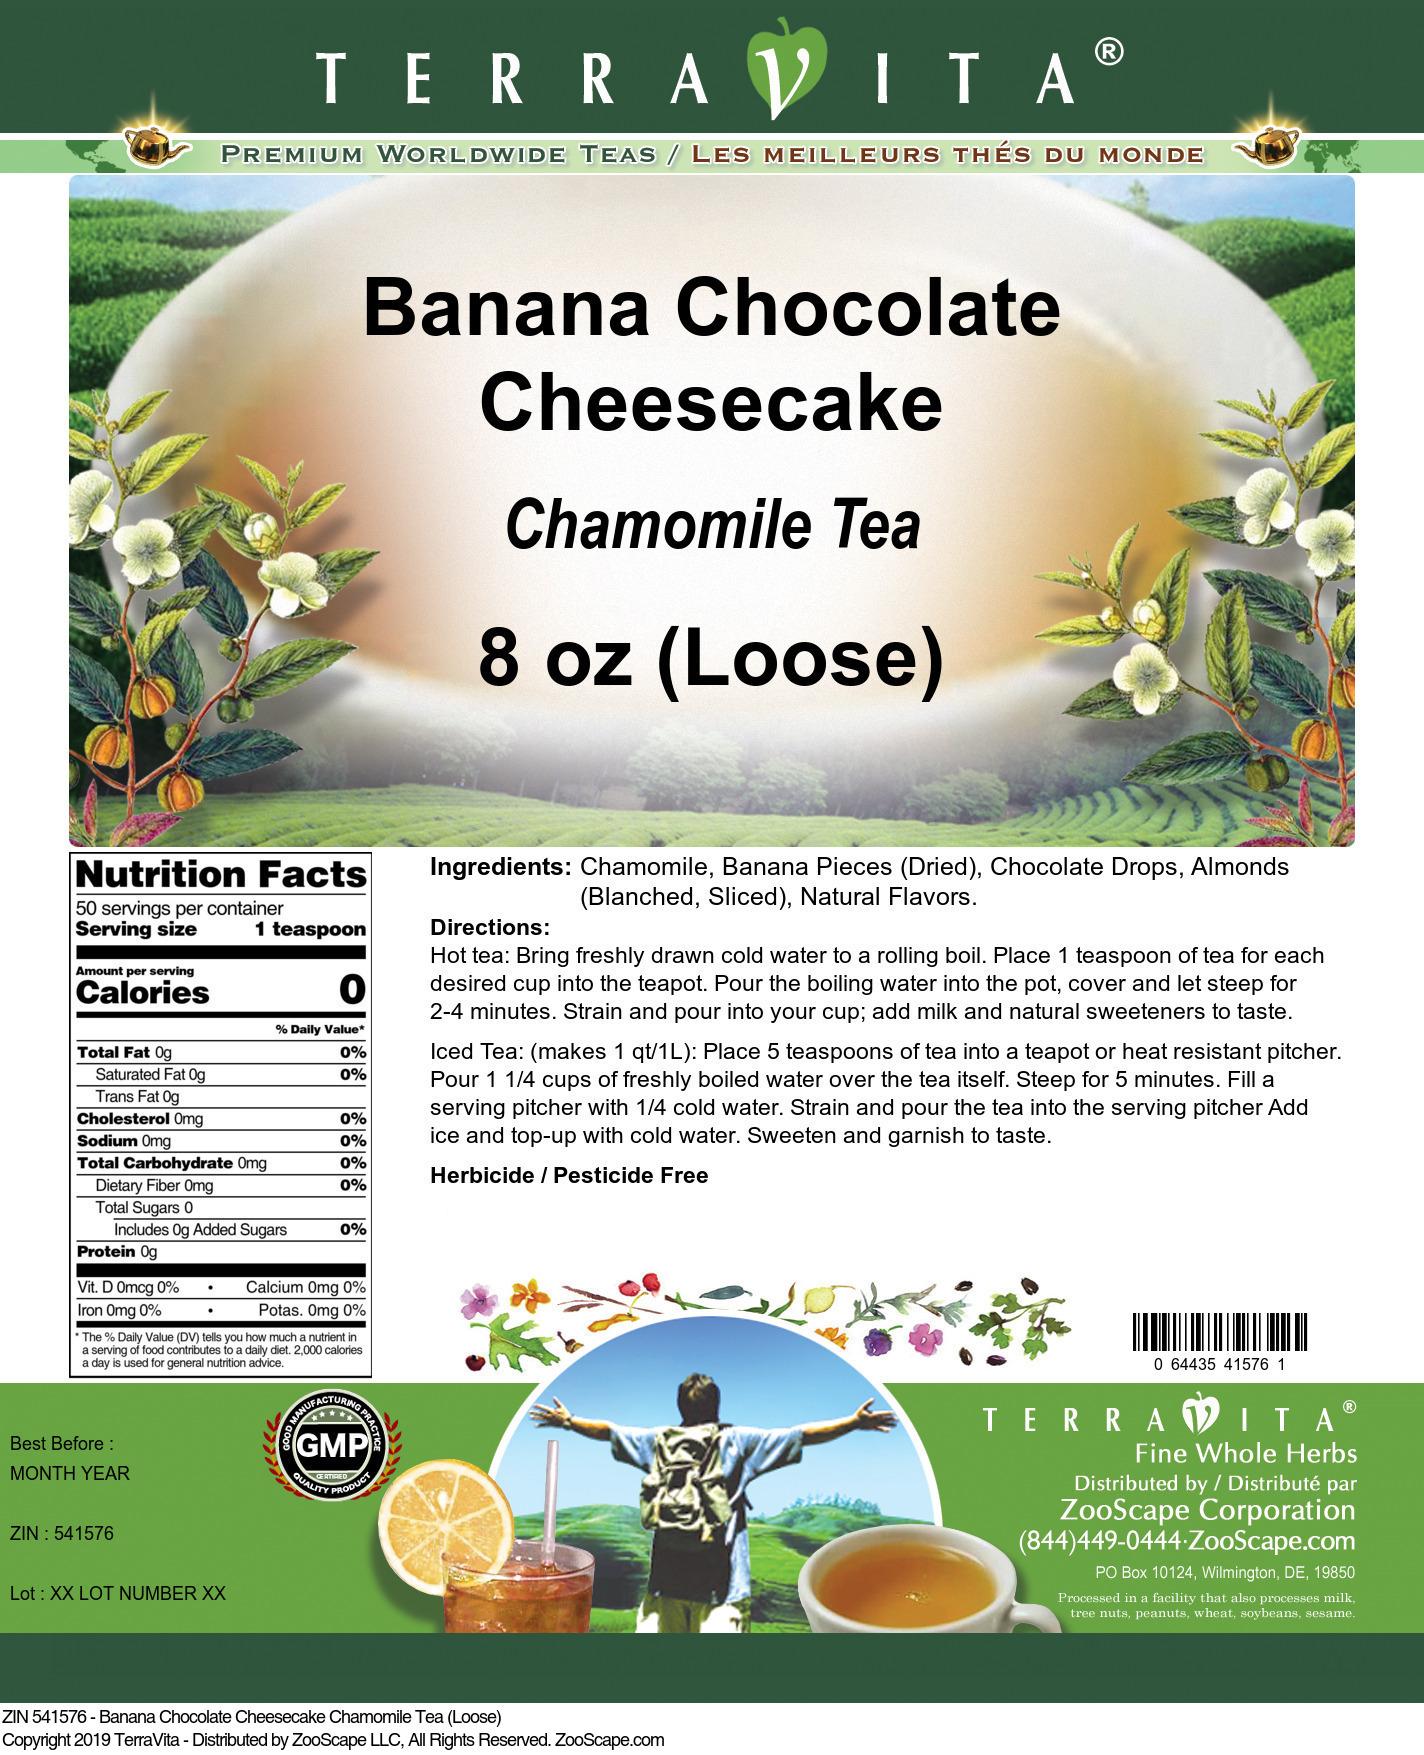 Banana Chocolate Cheesecake Chamomile Tea (Loose)